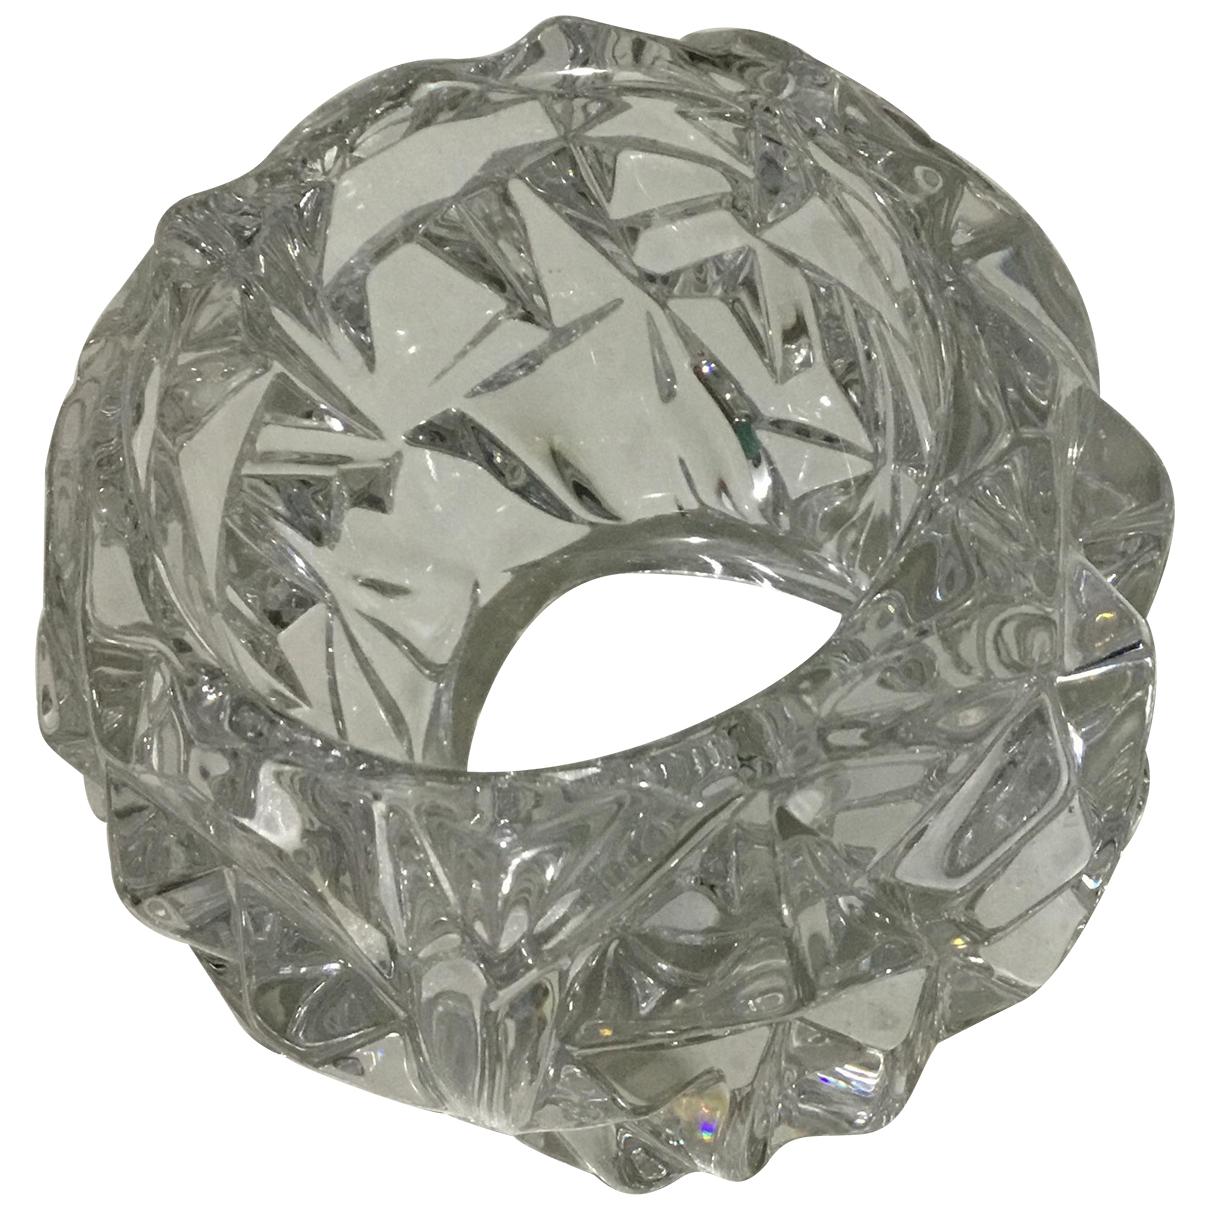 Tiffany & Co \N Accessoires und Dekoration in  Weiss Kristall